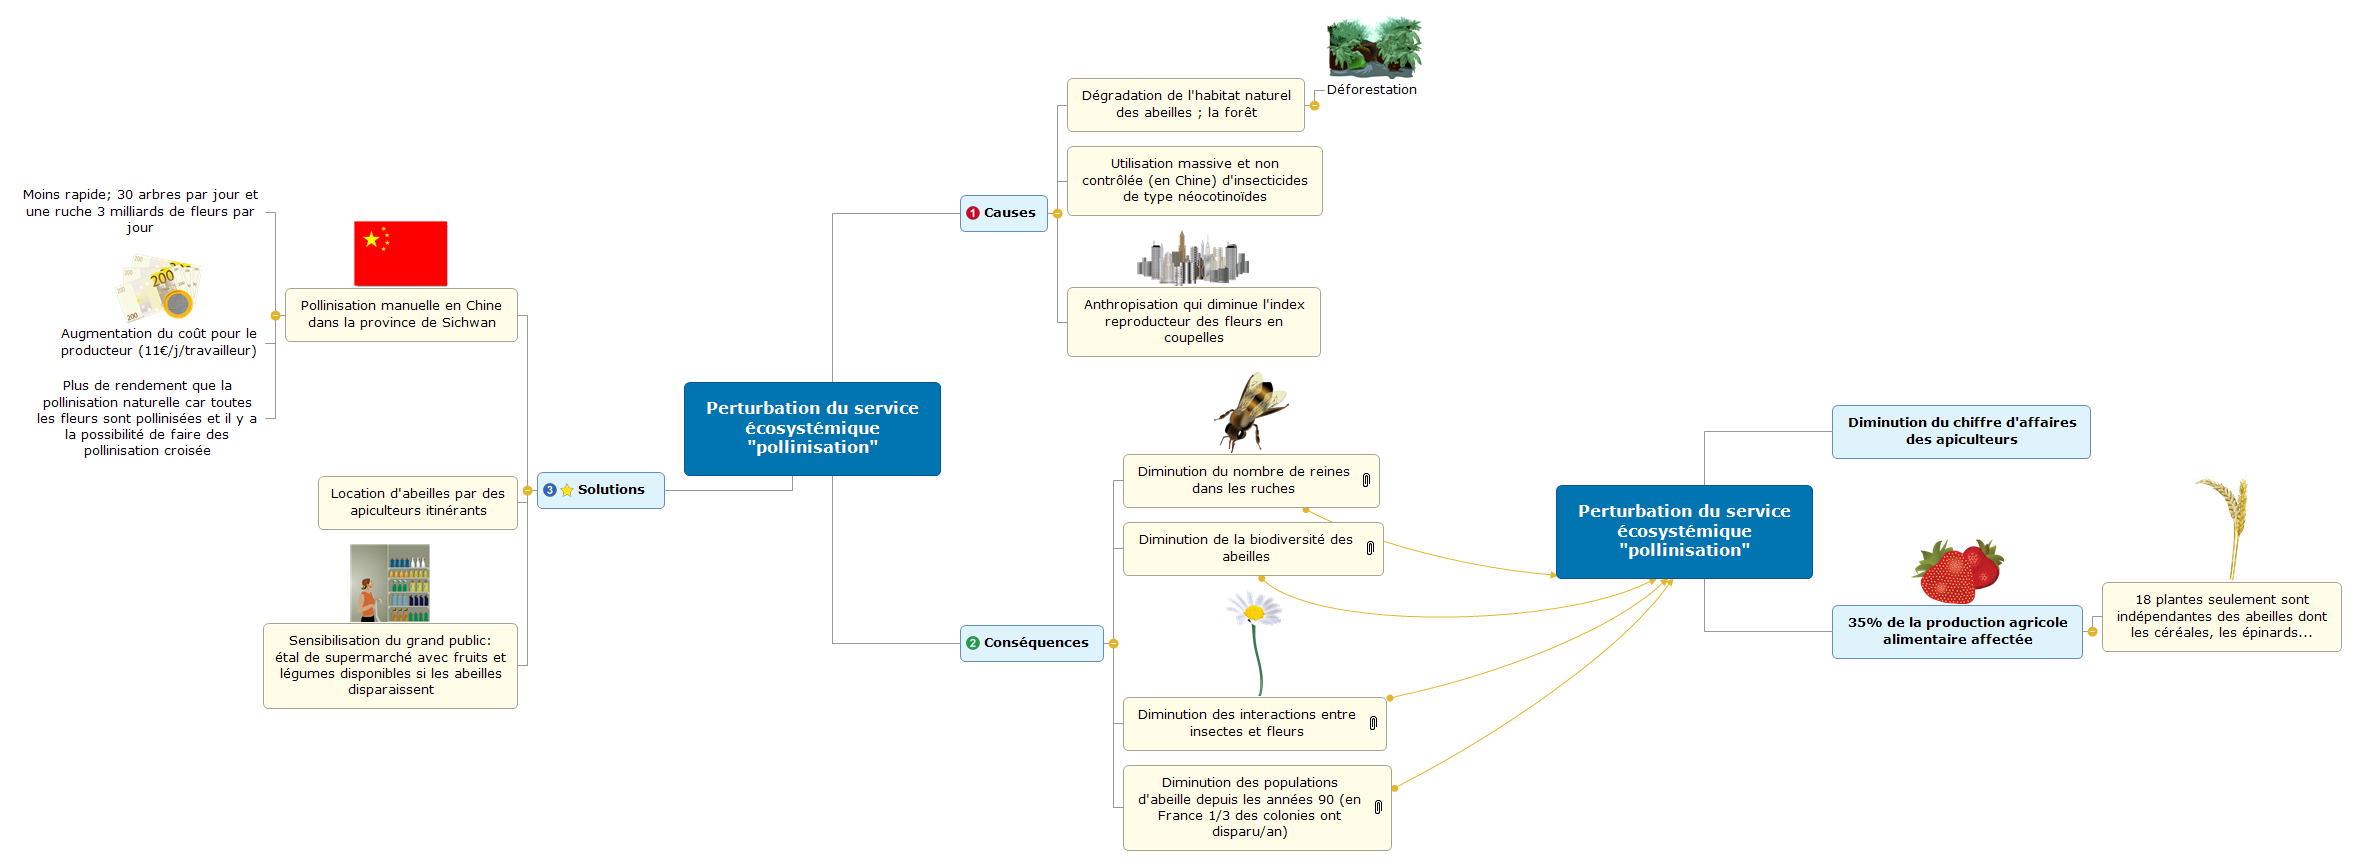 Perturbation du service écosystémique pollinisation Mind Maps